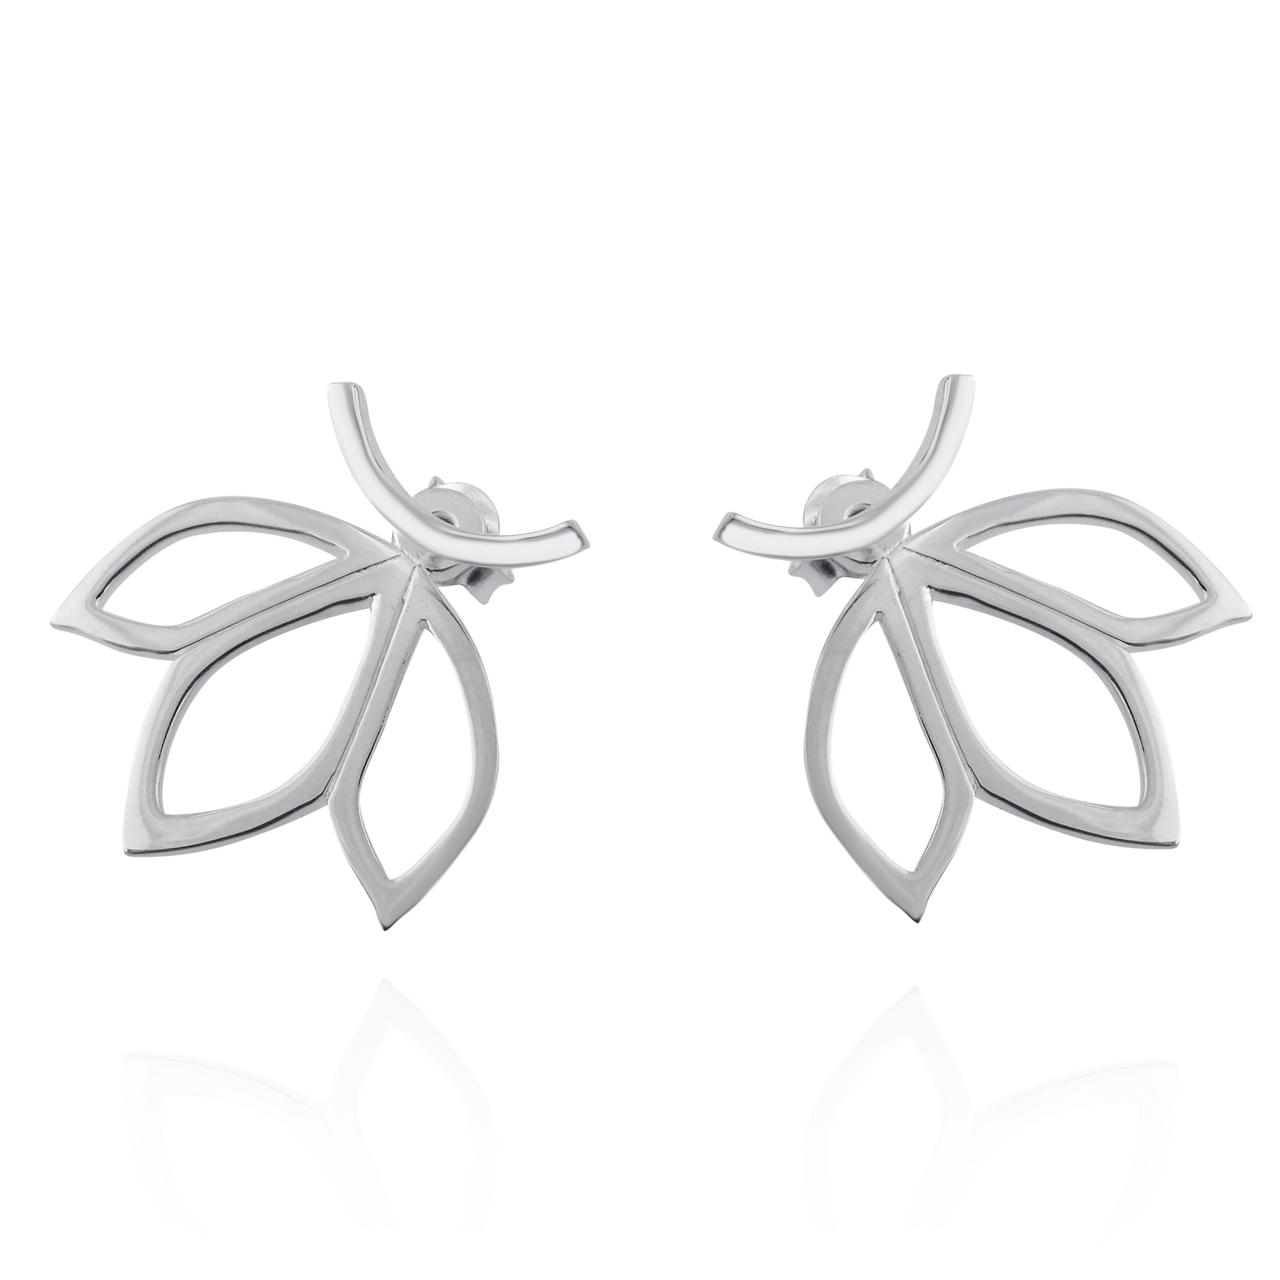 Lotus Petal JACKET Earrings - 925 Sterling Silver